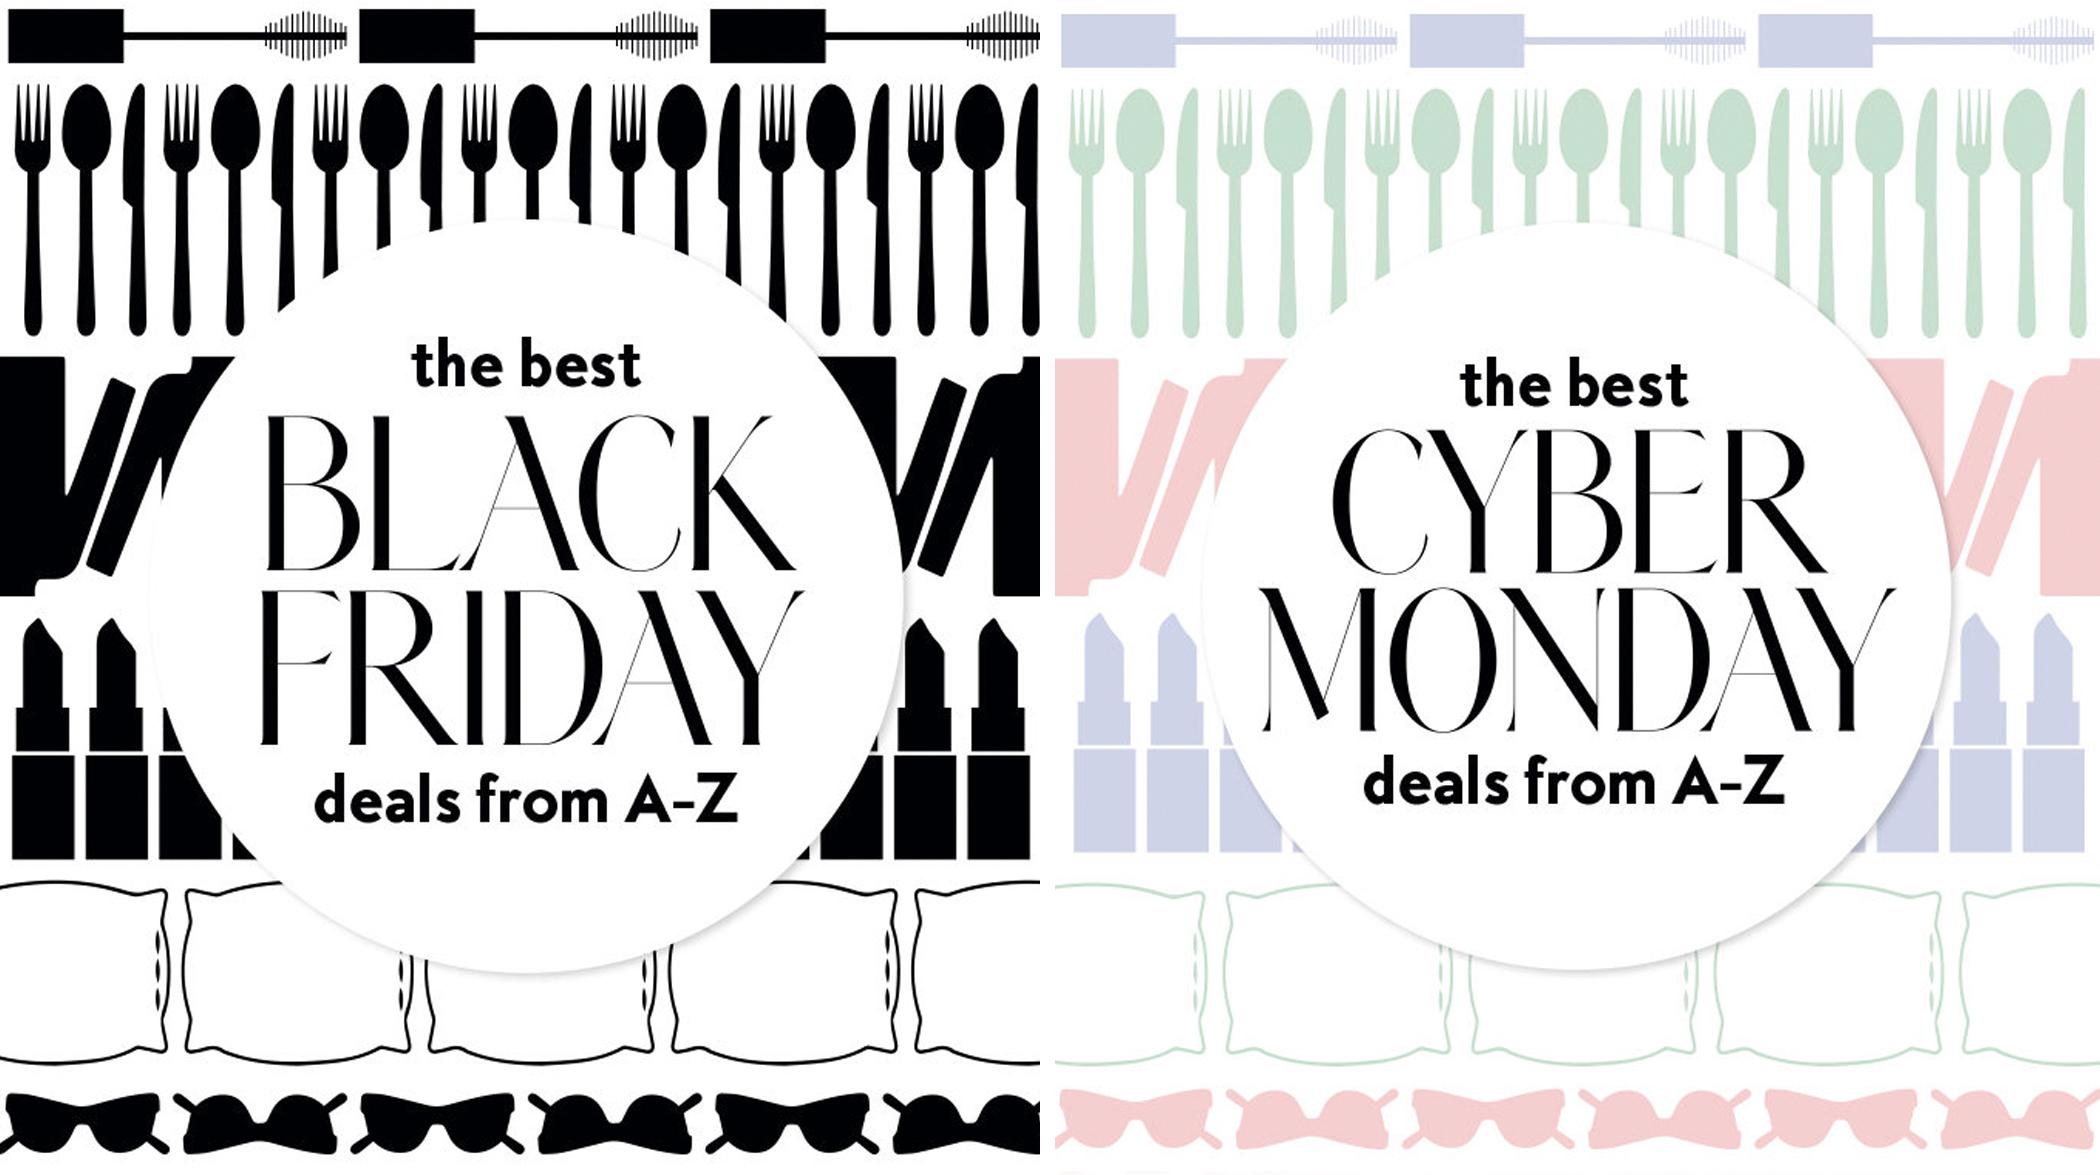 Cyber Monday and Black Friday Shopping - InStyle.com, November 2017illustration by Mariya Ivankovitser